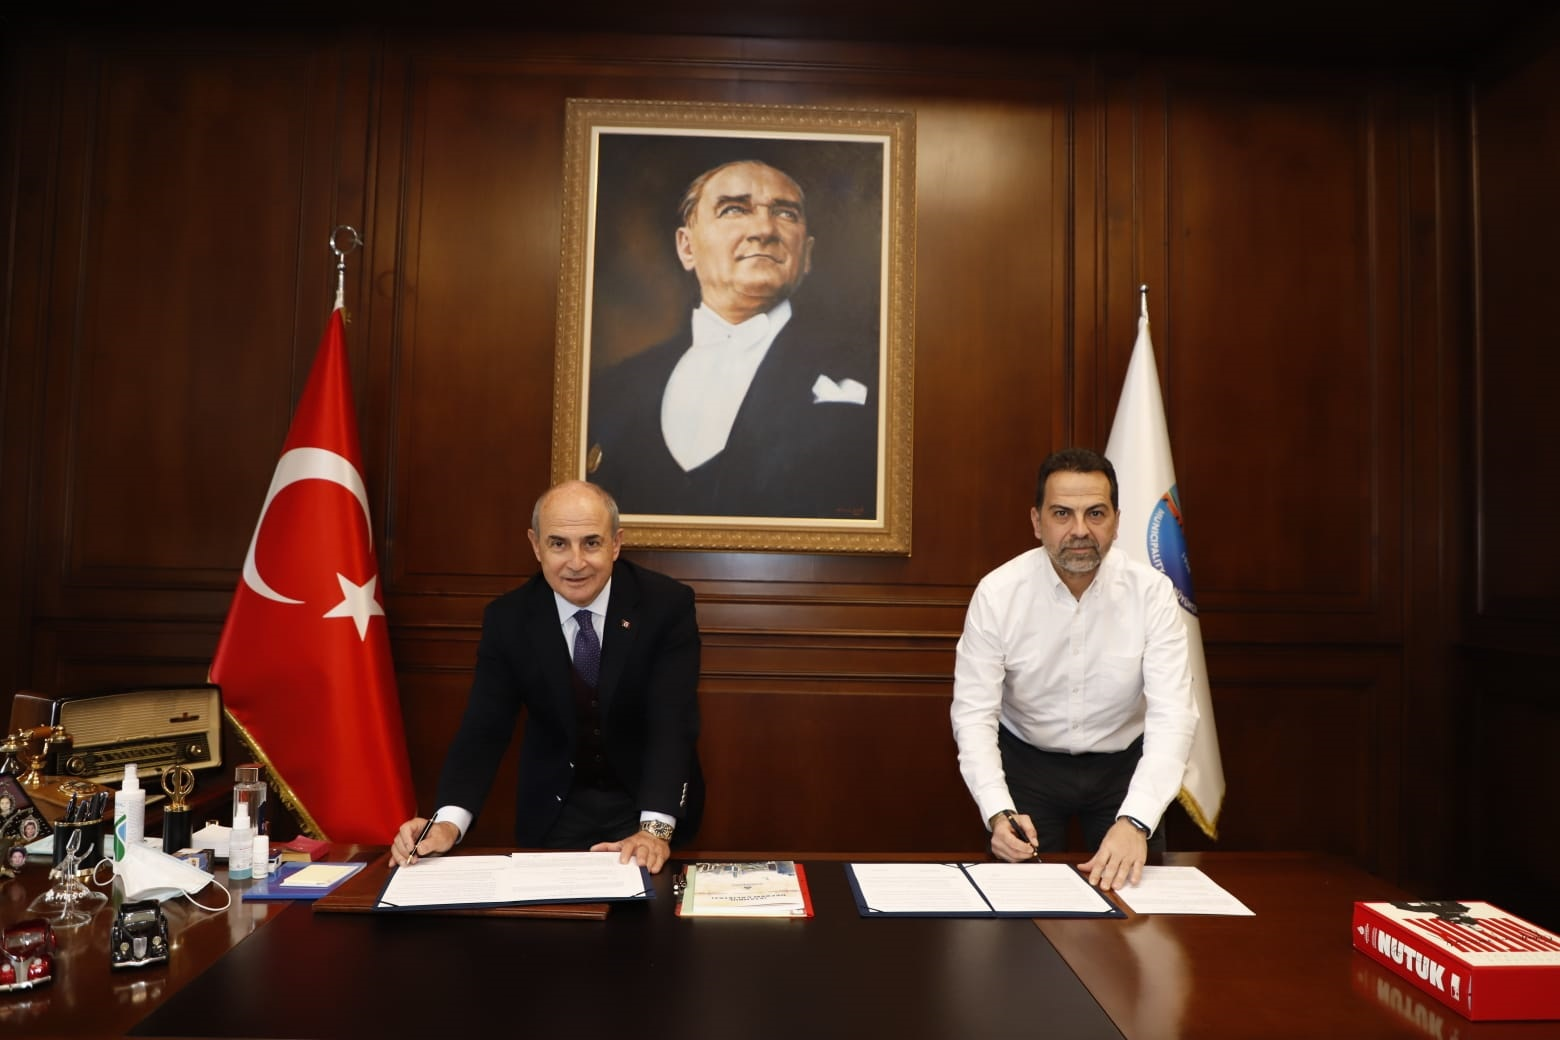 Büyükçekmece Belediyesi, AKUT ile Hayat Kurtaran Protokolü İmzaladı